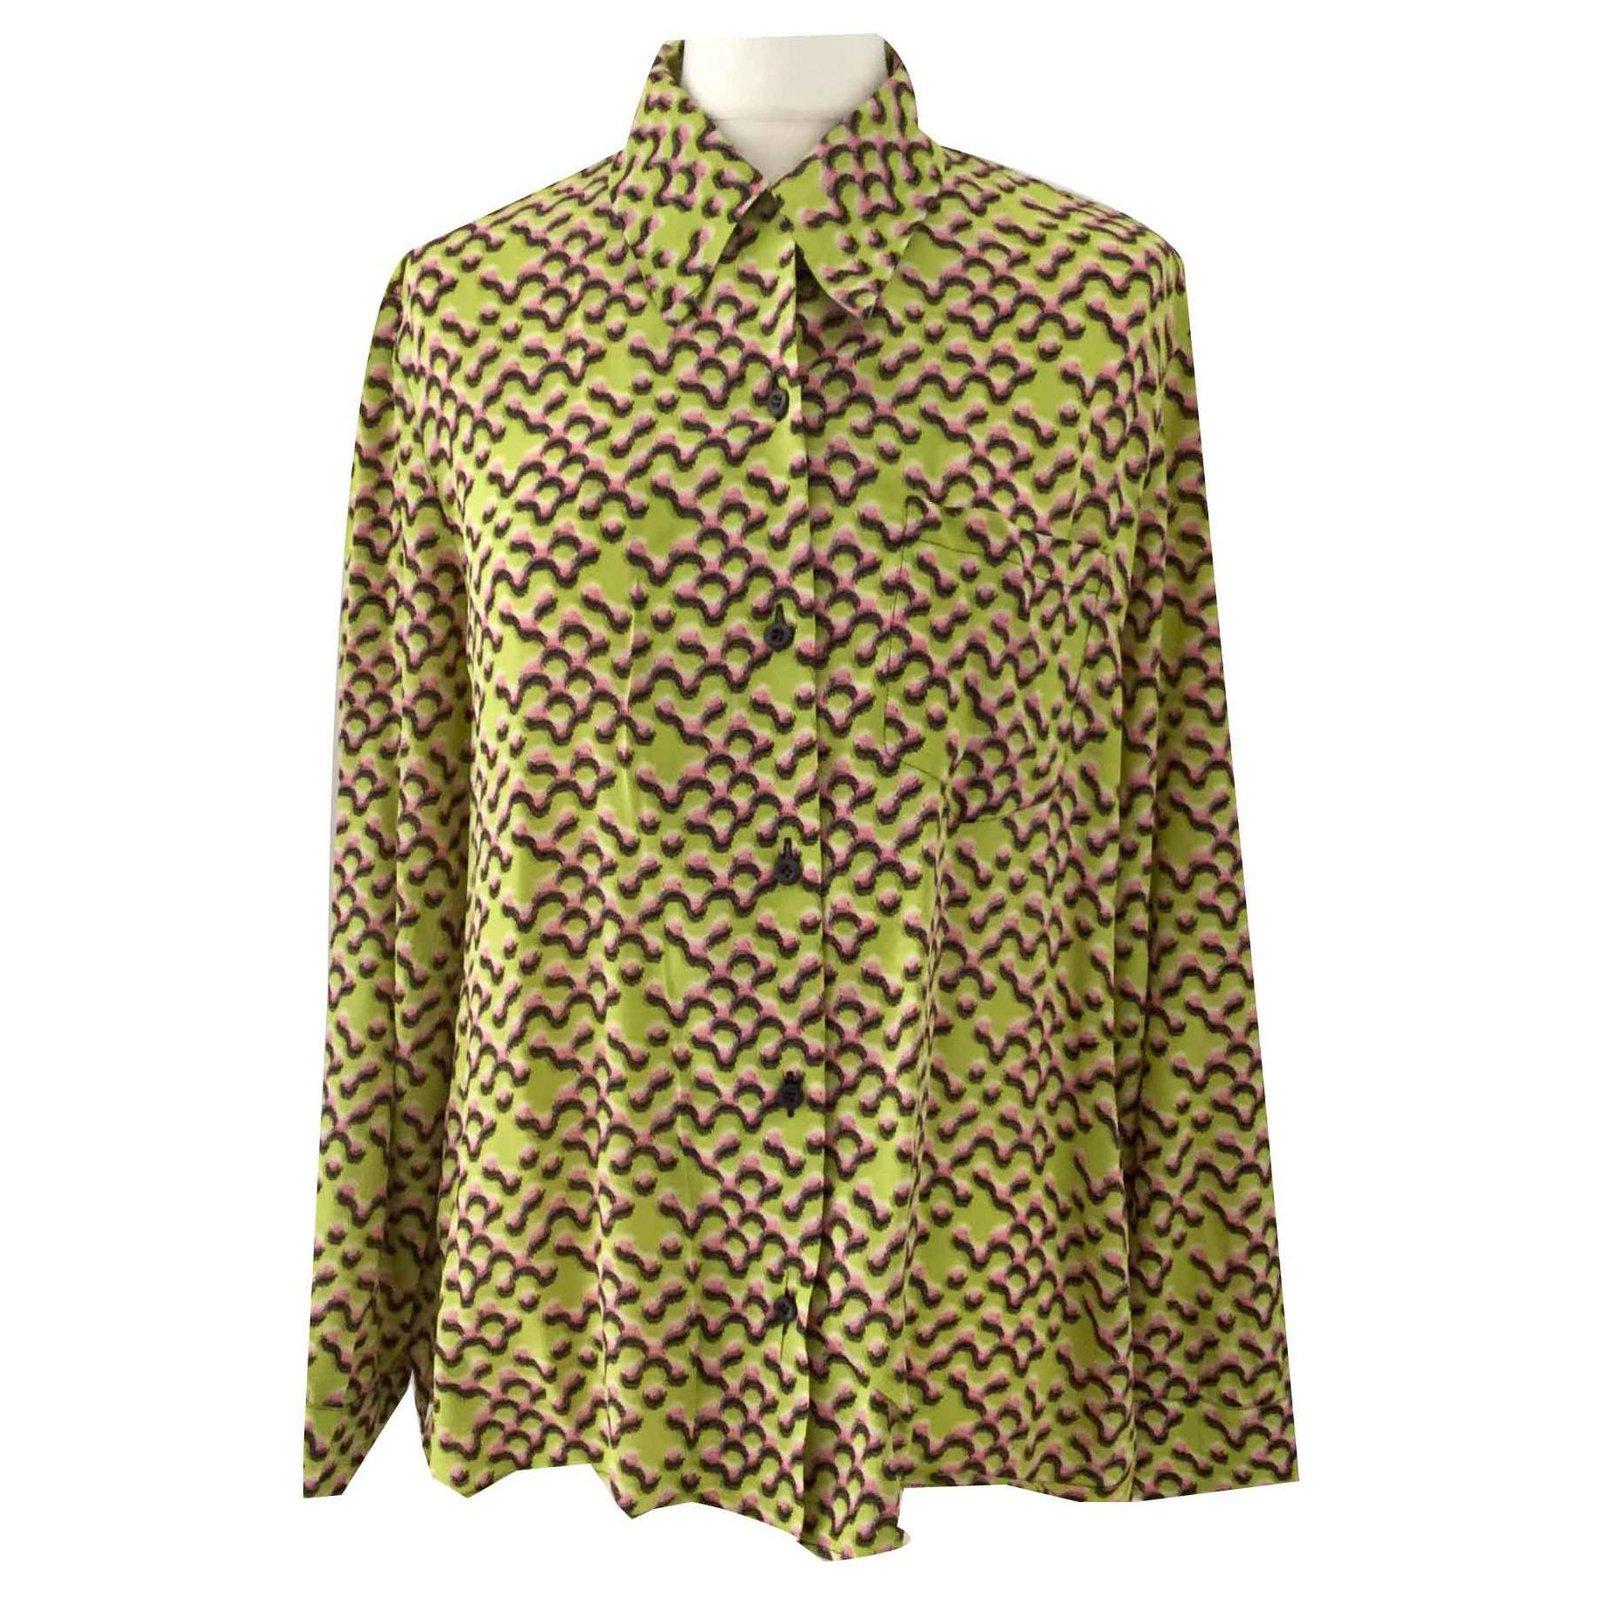 c8ac70a1226ce1 Prada Tops Tops Silk Multiple colors ref.116655 - Joli Closet